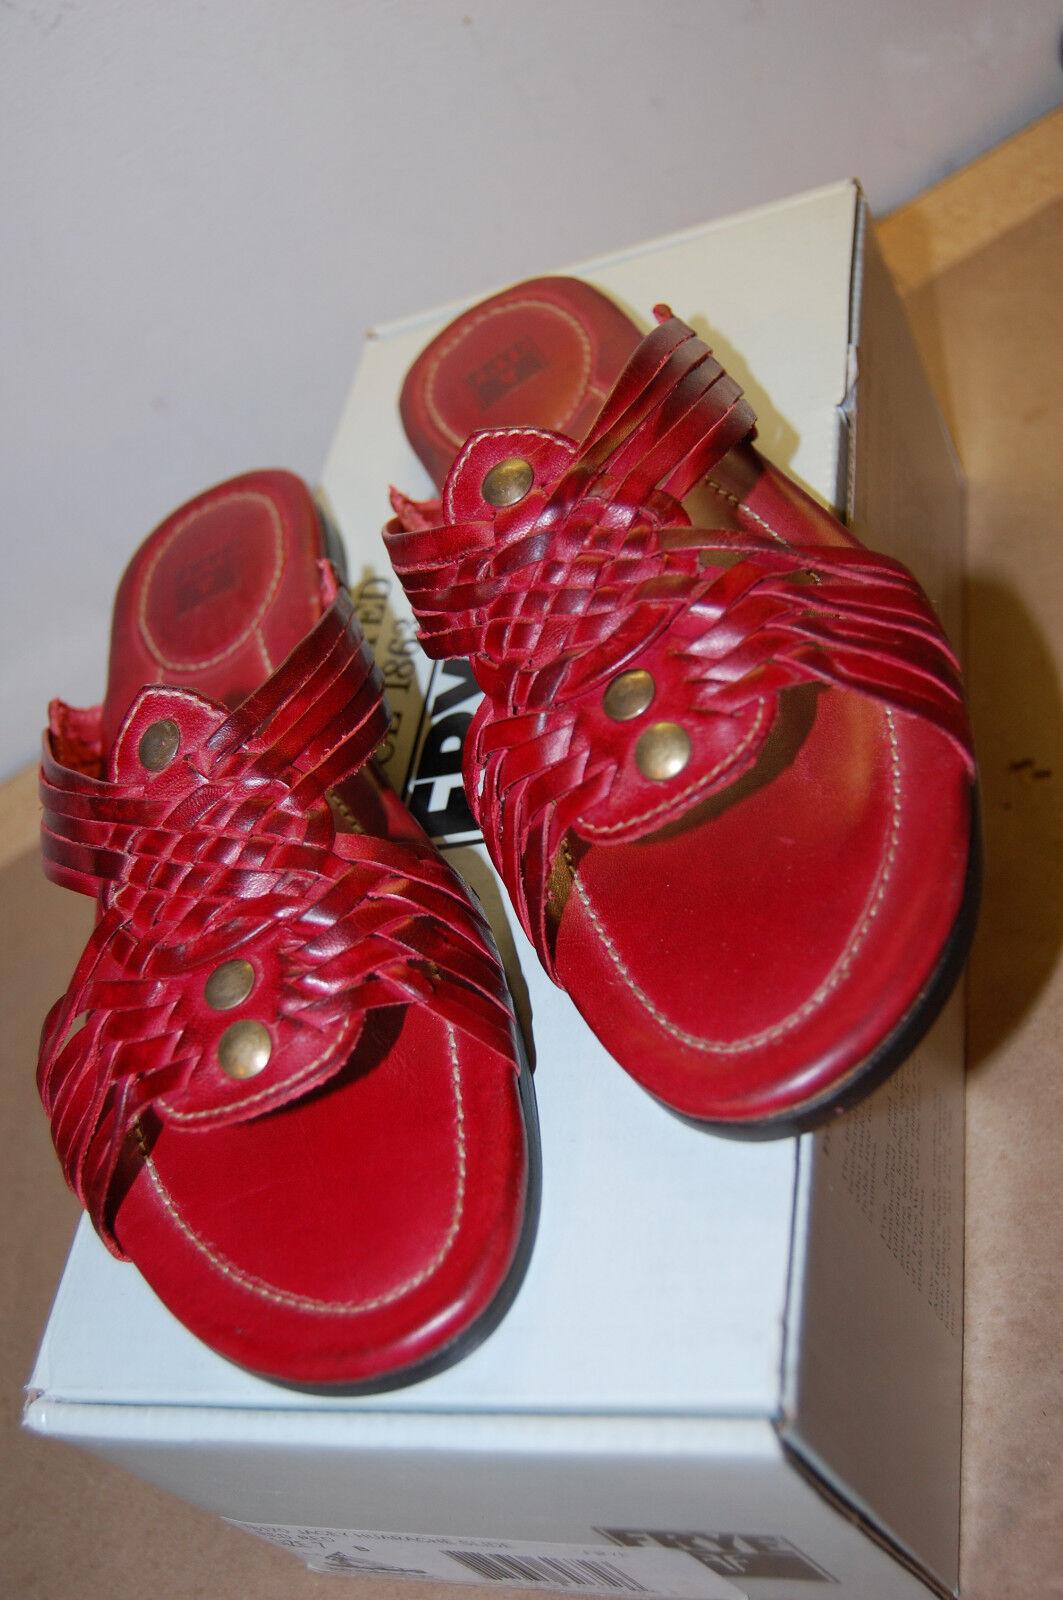 Nuevo En Caja Frye Jacey Huarache Diapositiva Sandalias De Cuero 6.5 Medio Rojo Calidad Superior Para Mujer